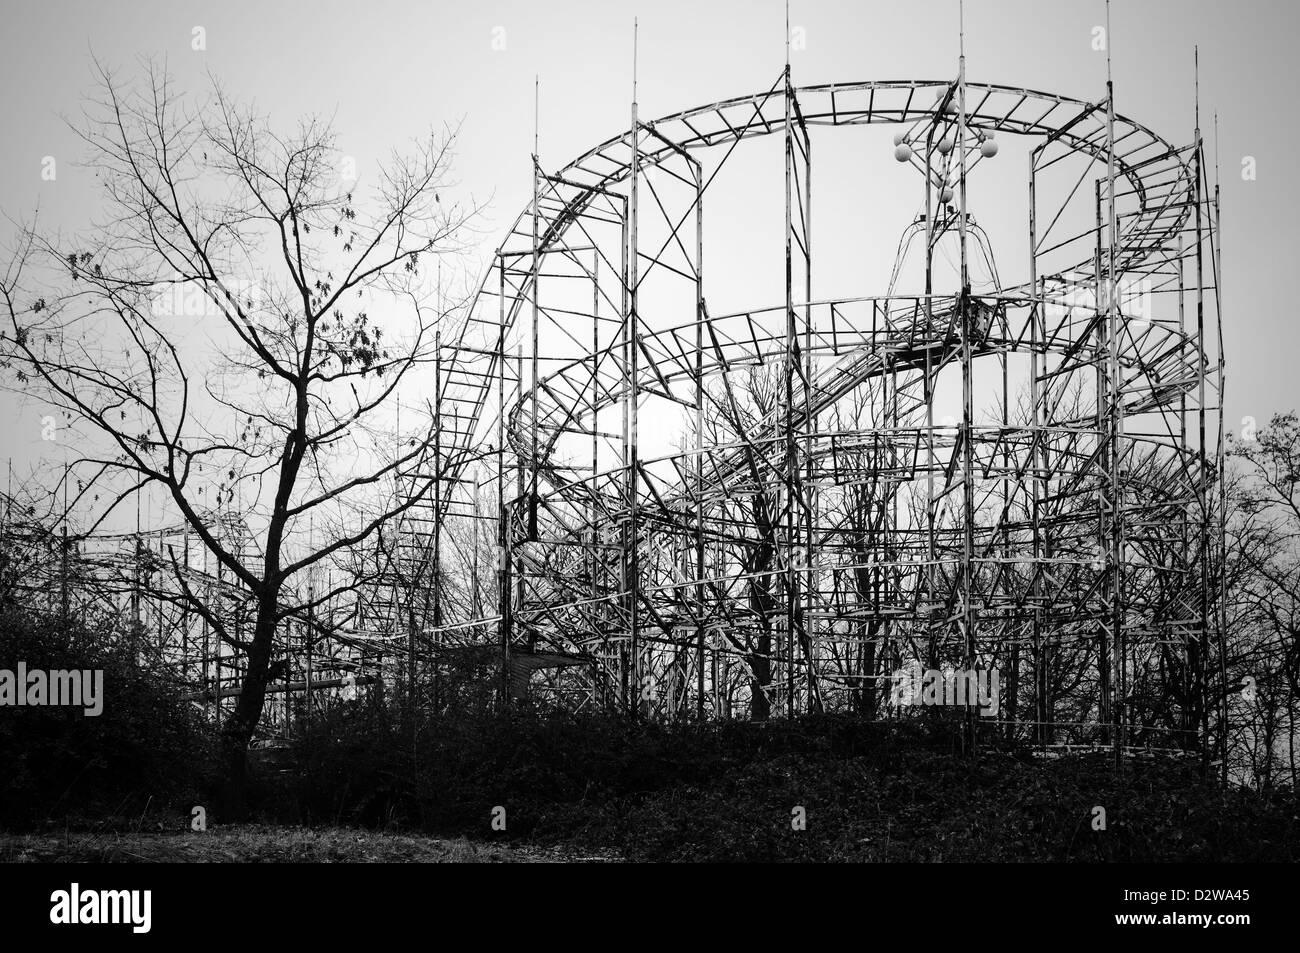 Abbandonato fiera del divertimento. Roller Coaster Immagini Stock